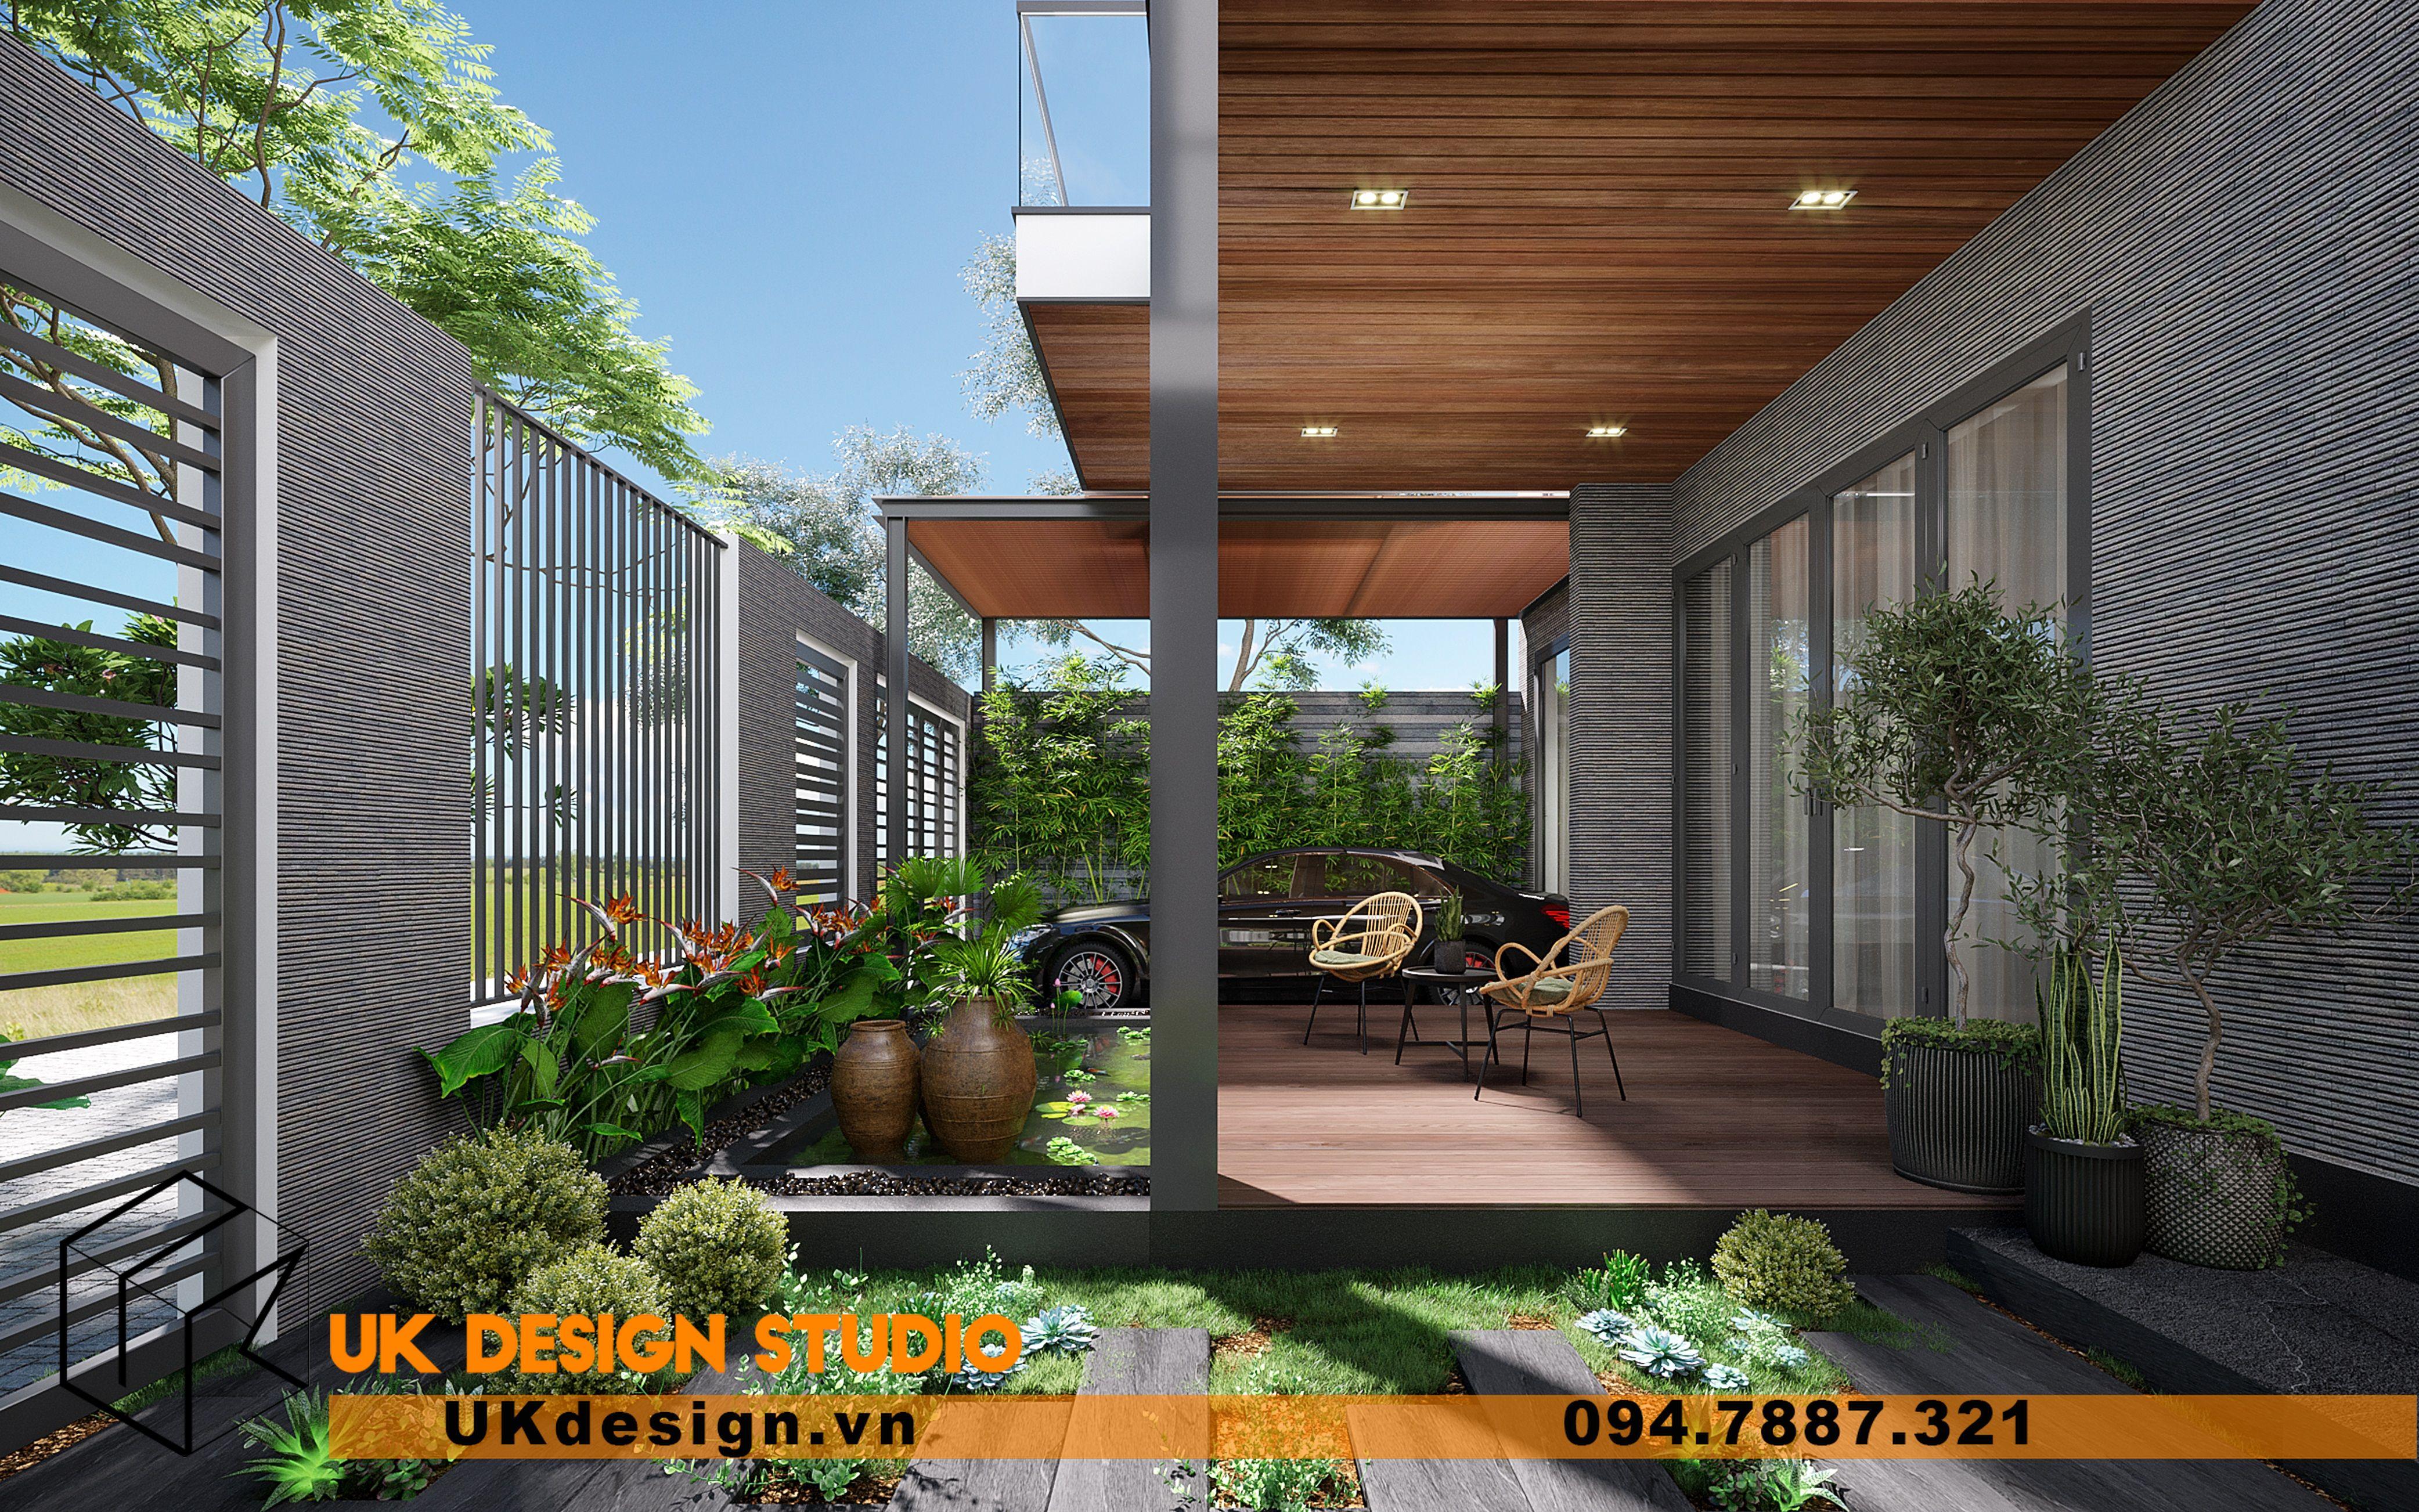 Thiết kế sân vườn biệt thự trước nhà